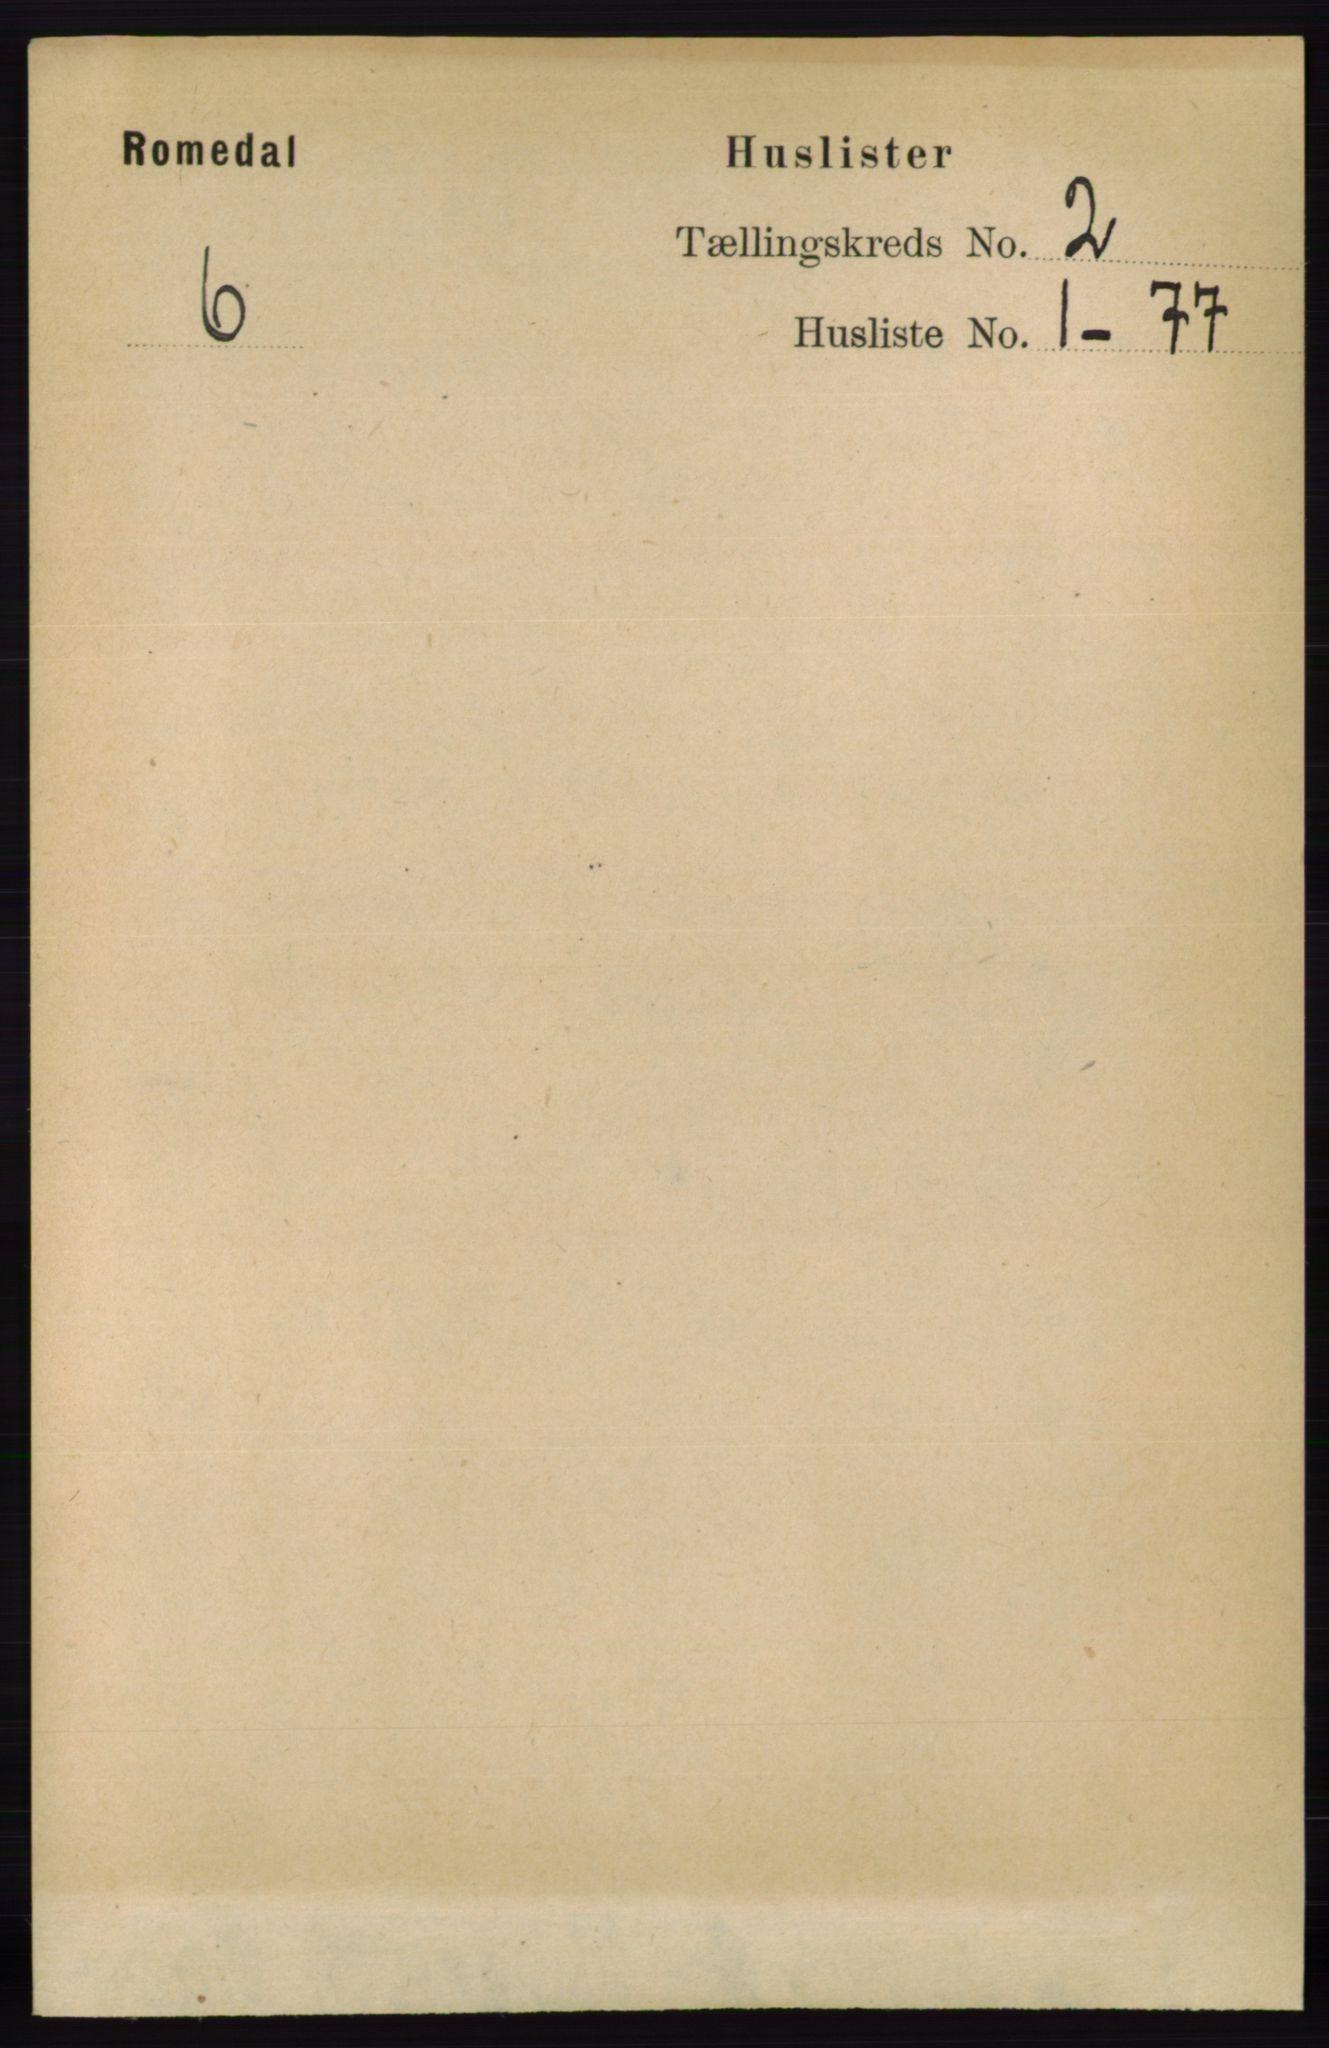 RA, Folketelling 1891 for 0416 Romedal herred, 1891, s. 768